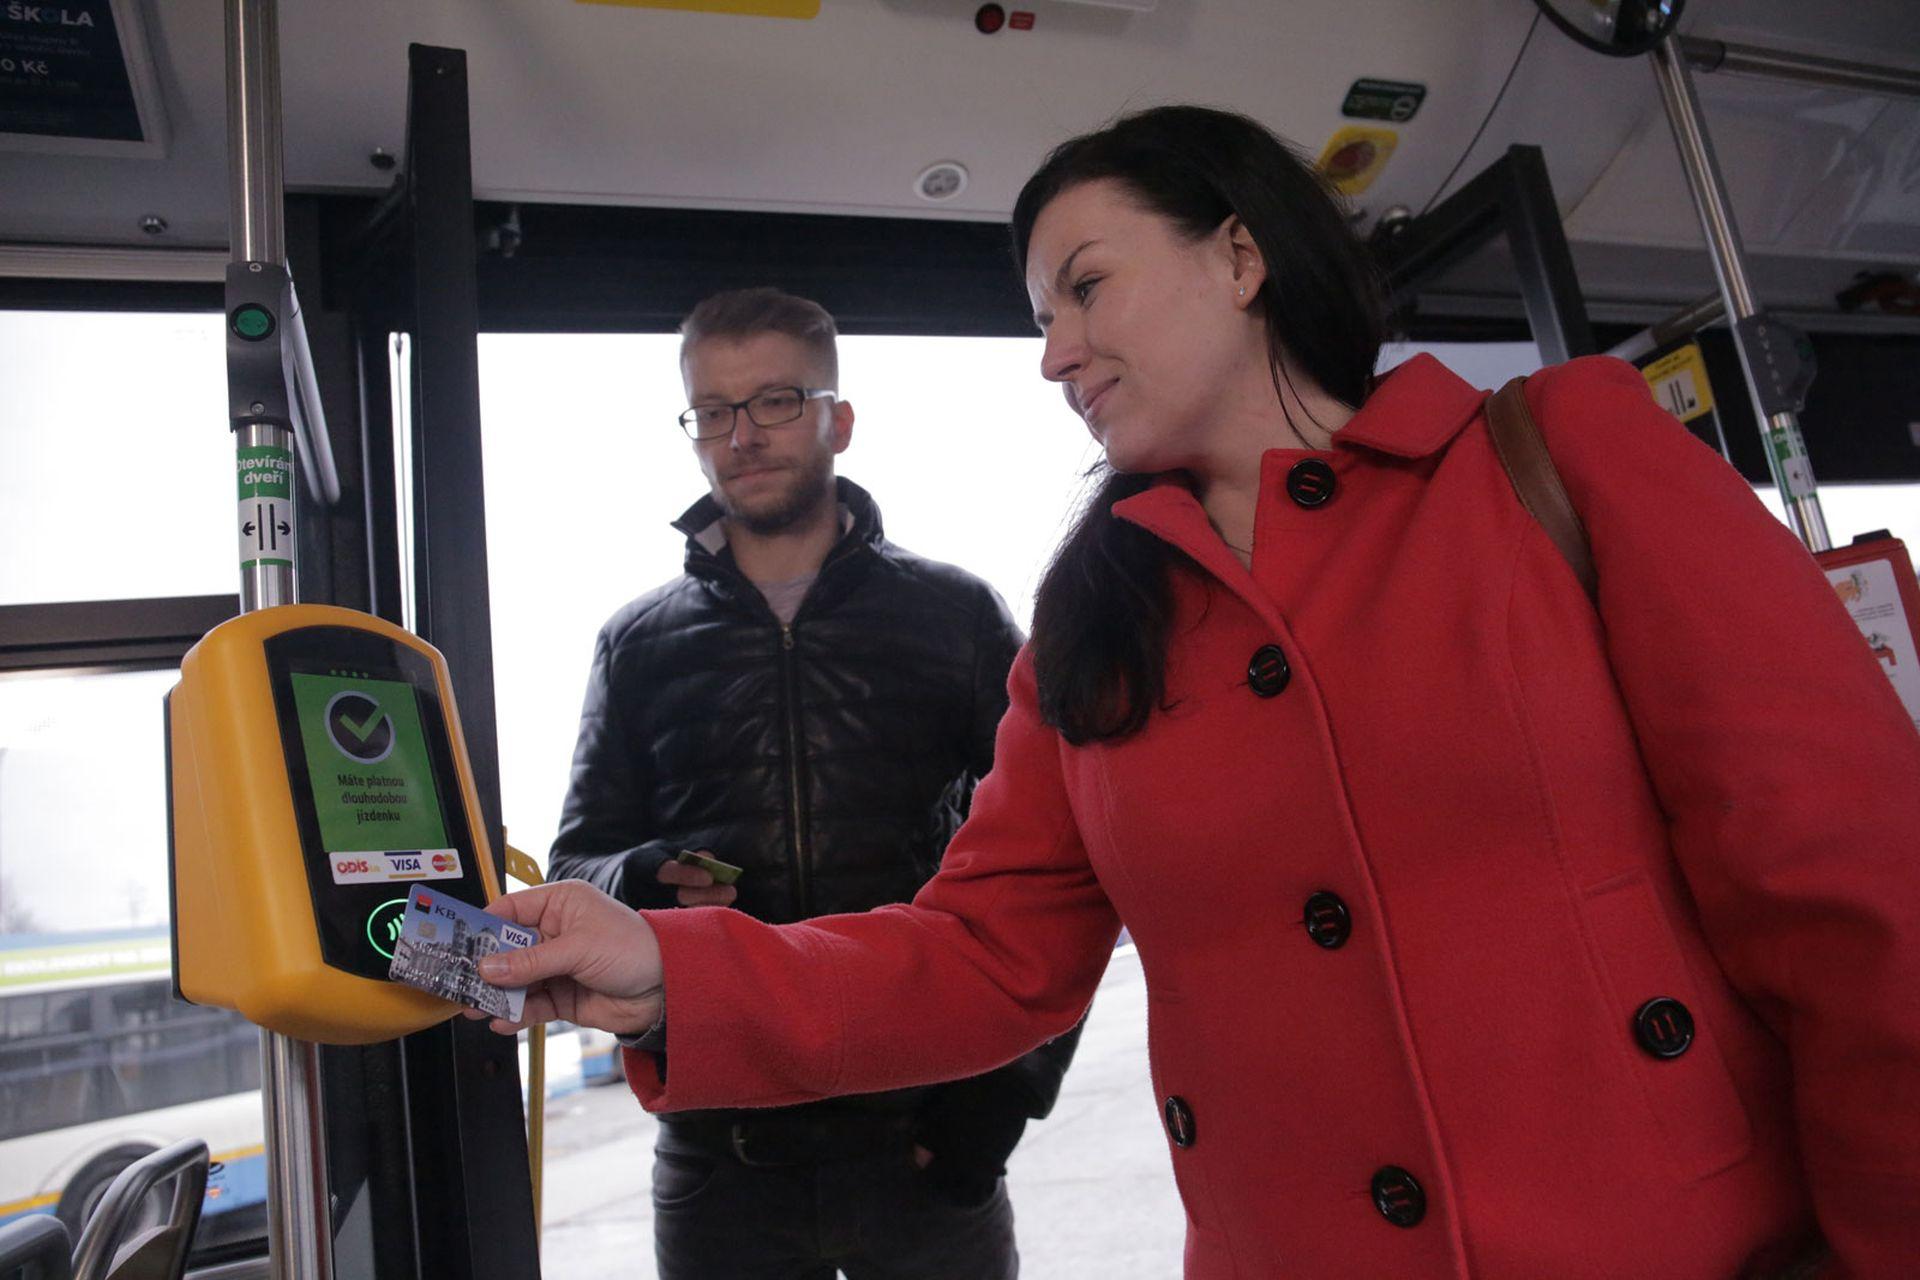 V ostravské MHD jezdí už více lidí na elektronickou jízdenku než papírovou. Foto: DPO